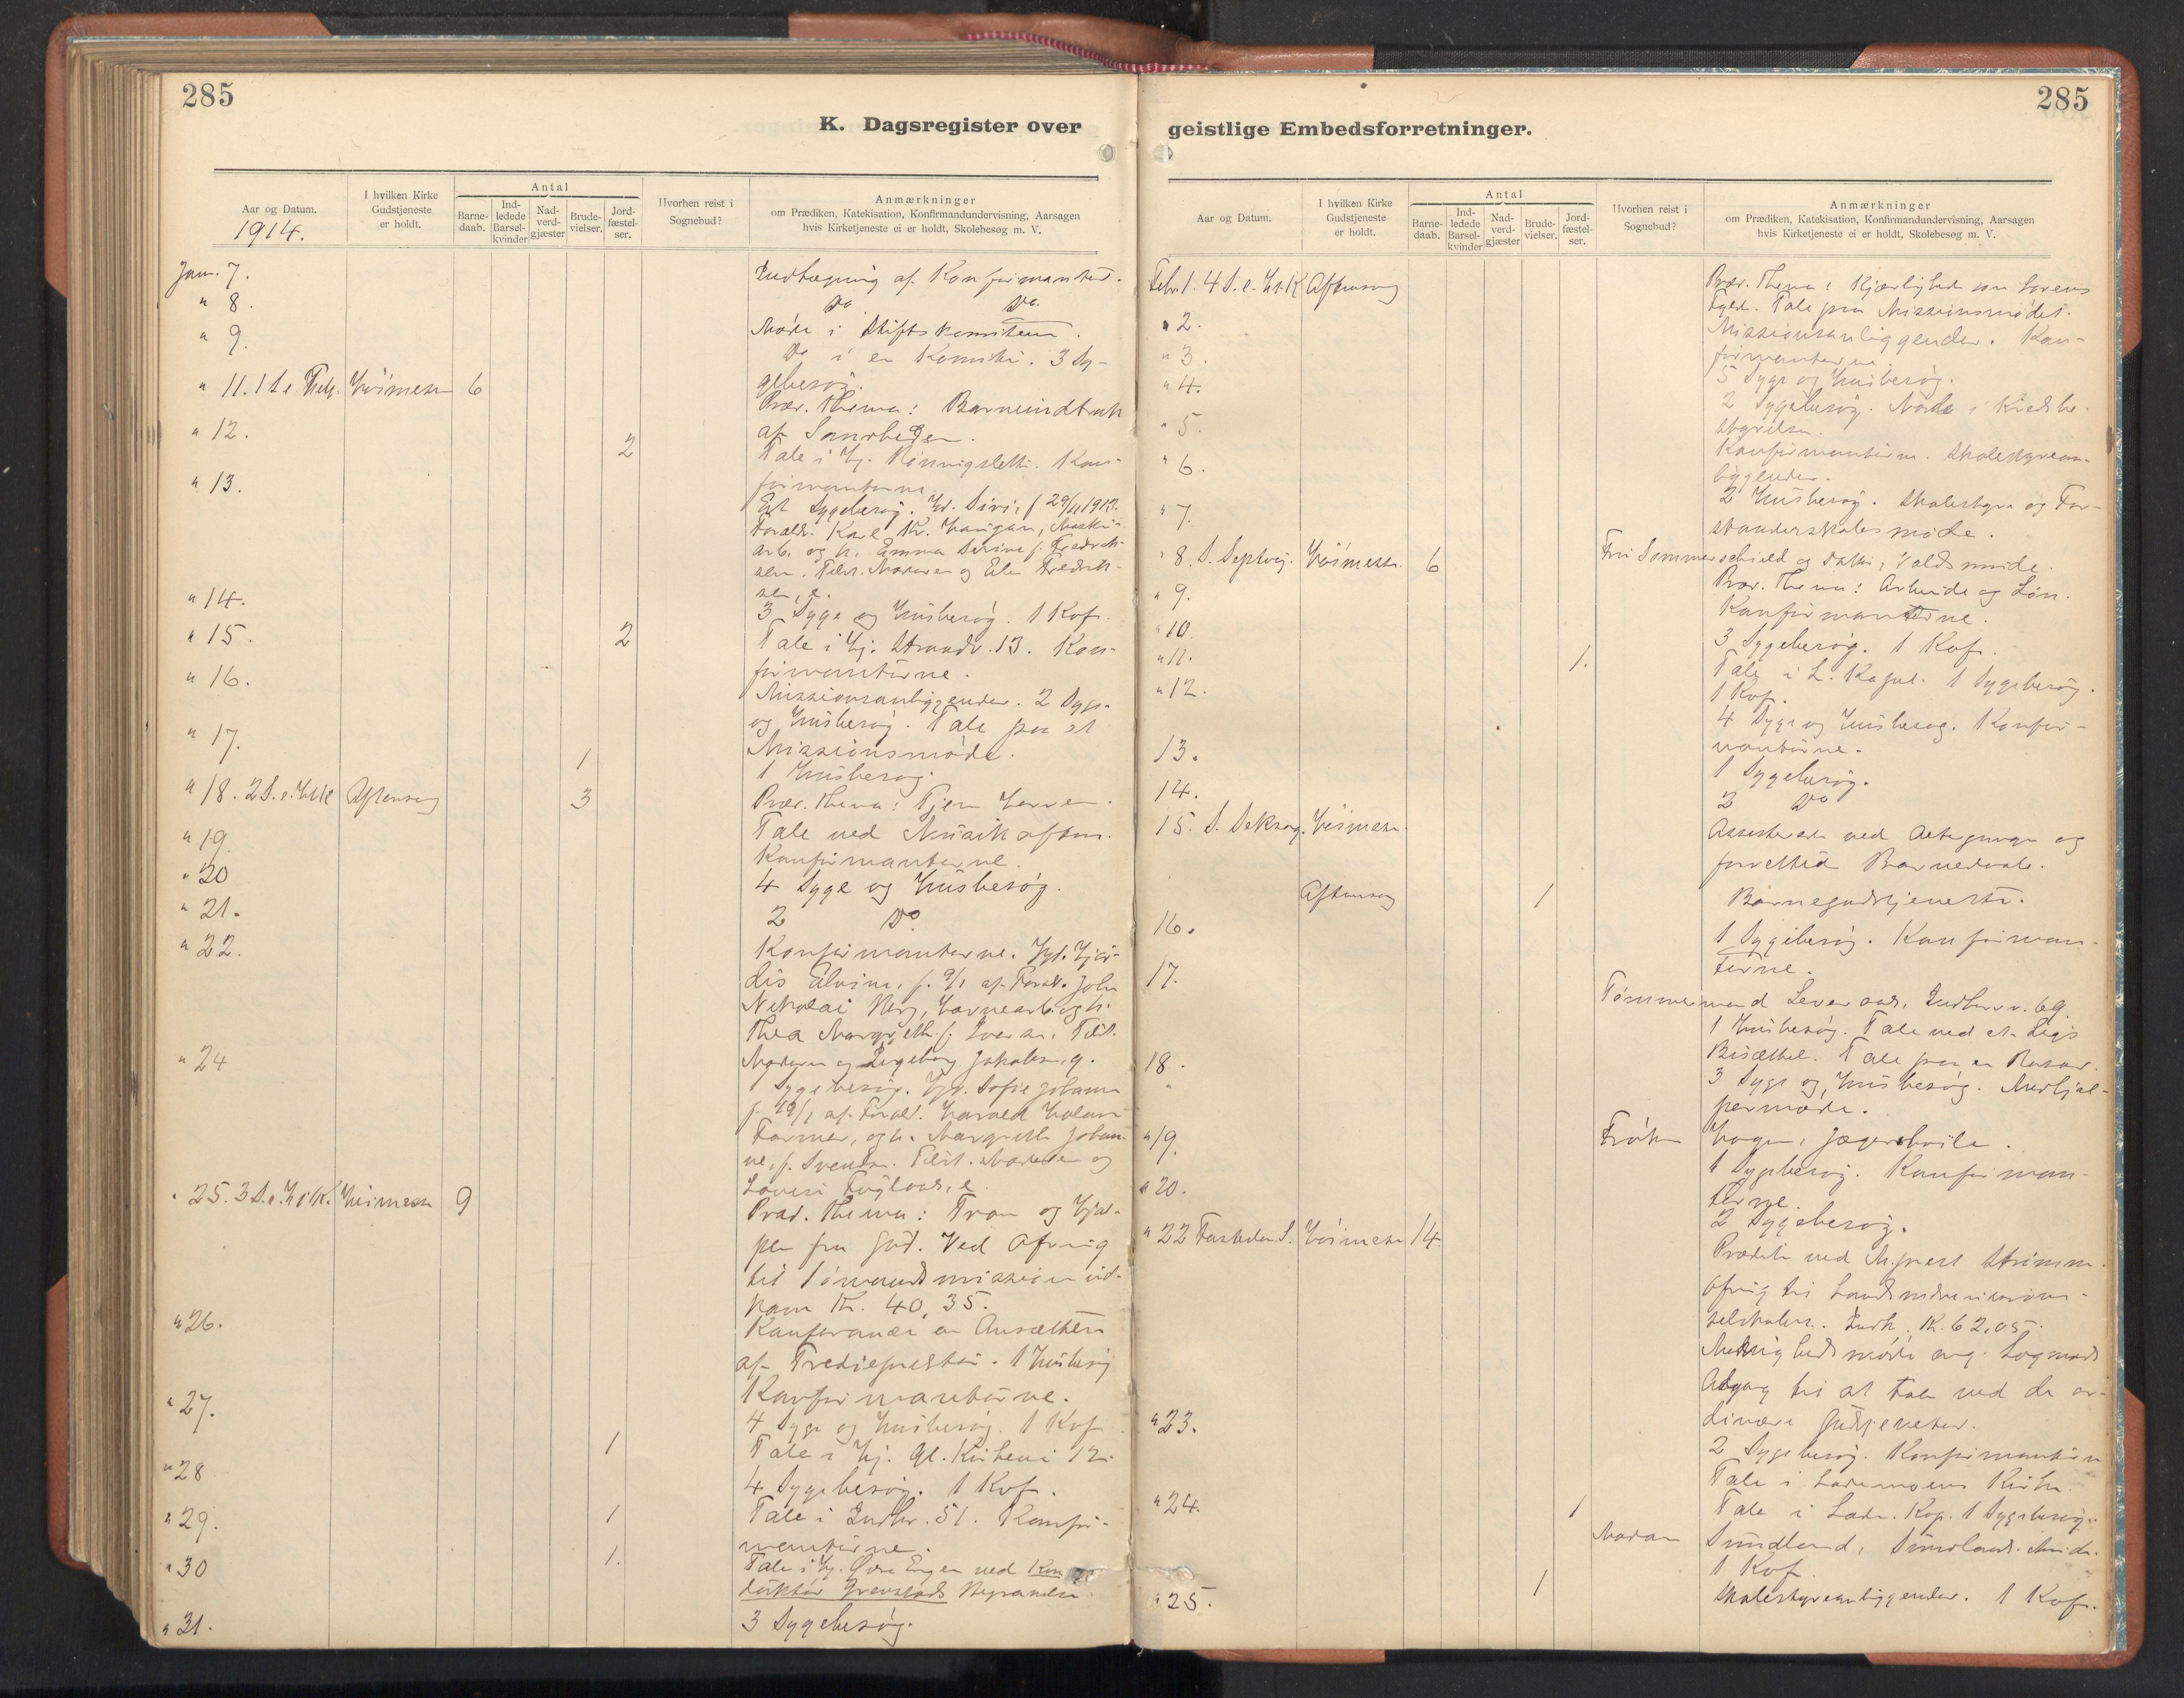 SAT, Ministerialprotokoller, klokkerbøker og fødselsregistre - Sør-Trøndelag, 605/L0244: Ministerialbok nr. 605A06, 1908-1954, s. 285